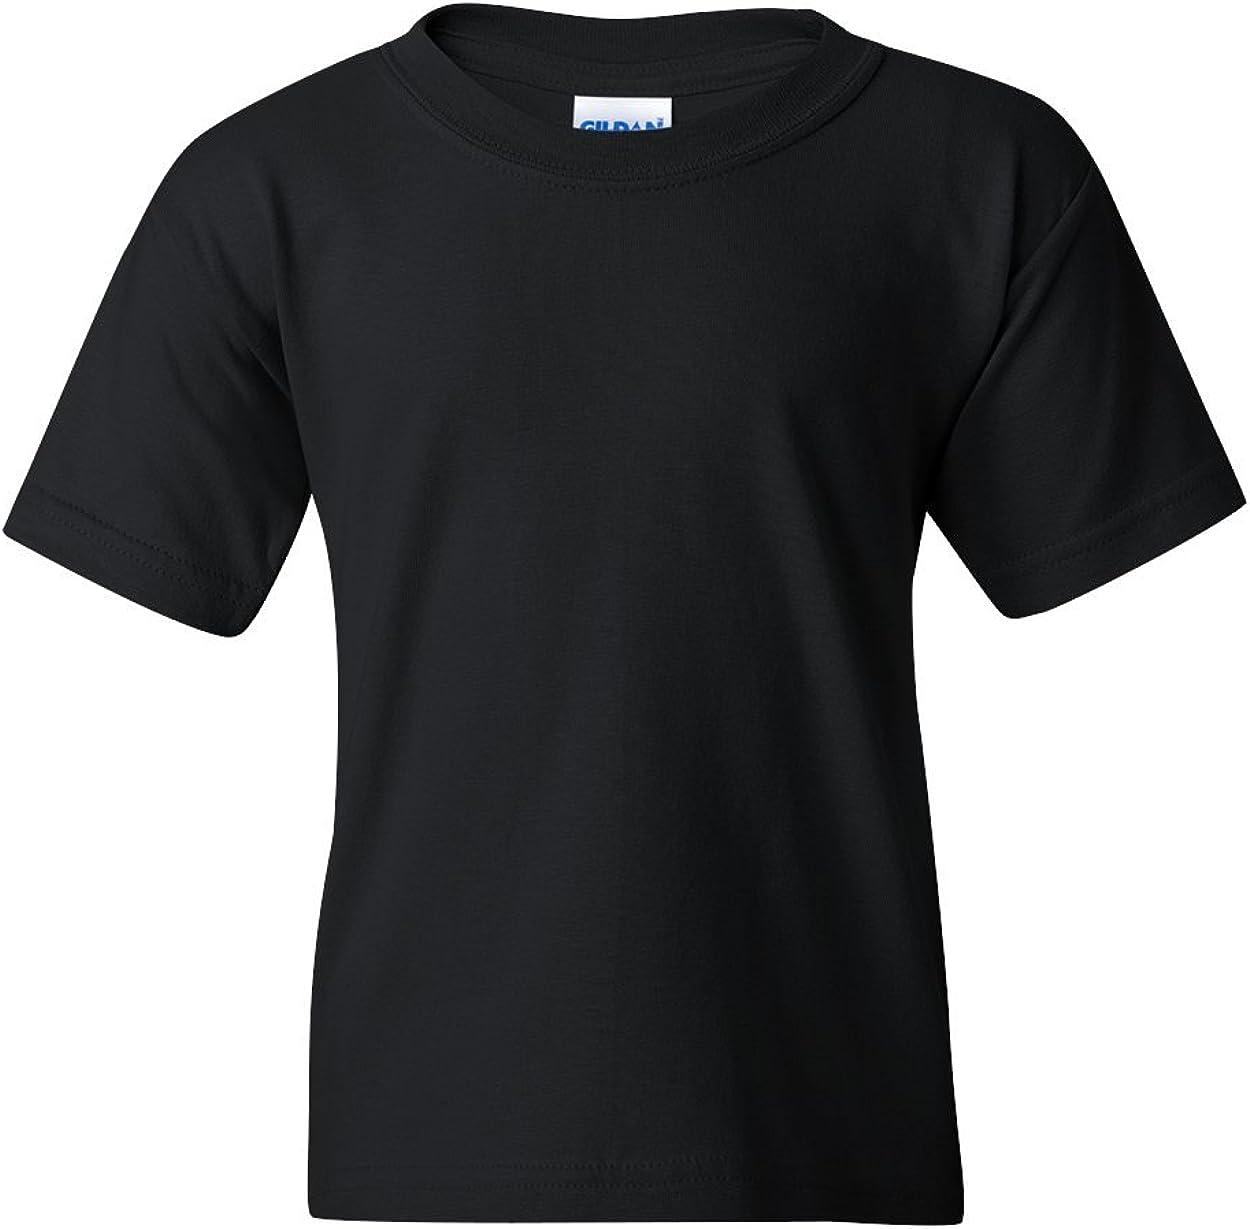 Heavy Cotton T-Shirt (G500B) Black, L (Pack of 12)